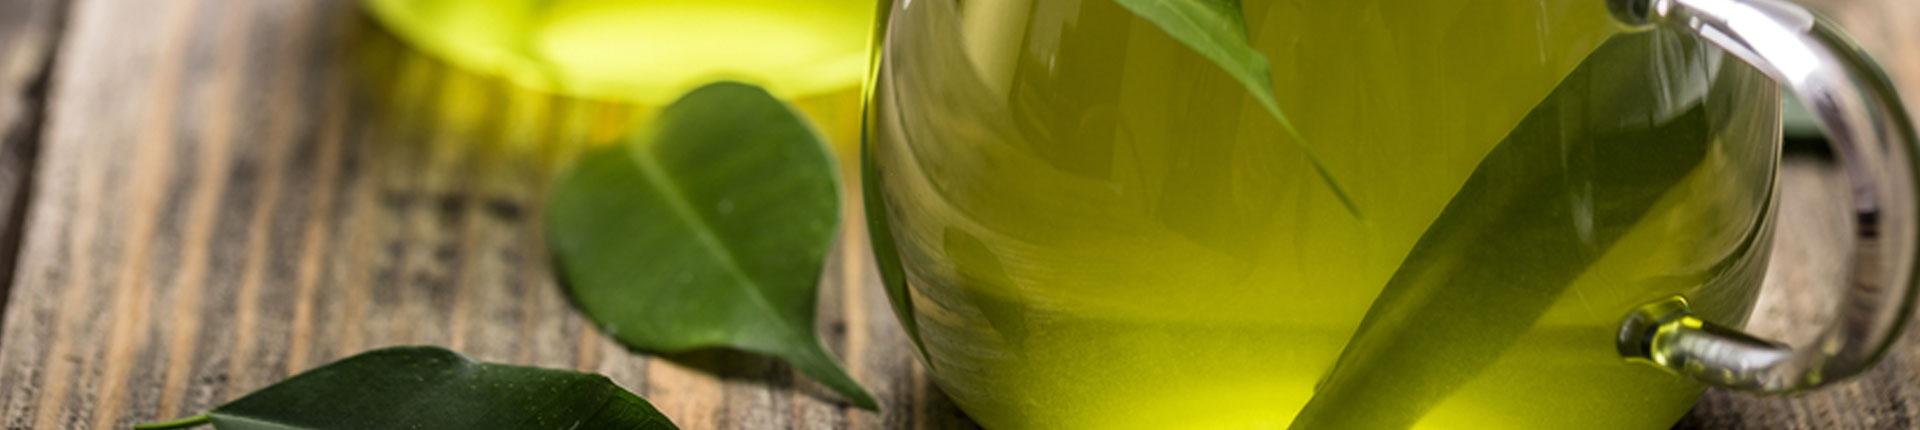 Dlaczego zielona herbata jest aż tak ważna dla zdrowia?